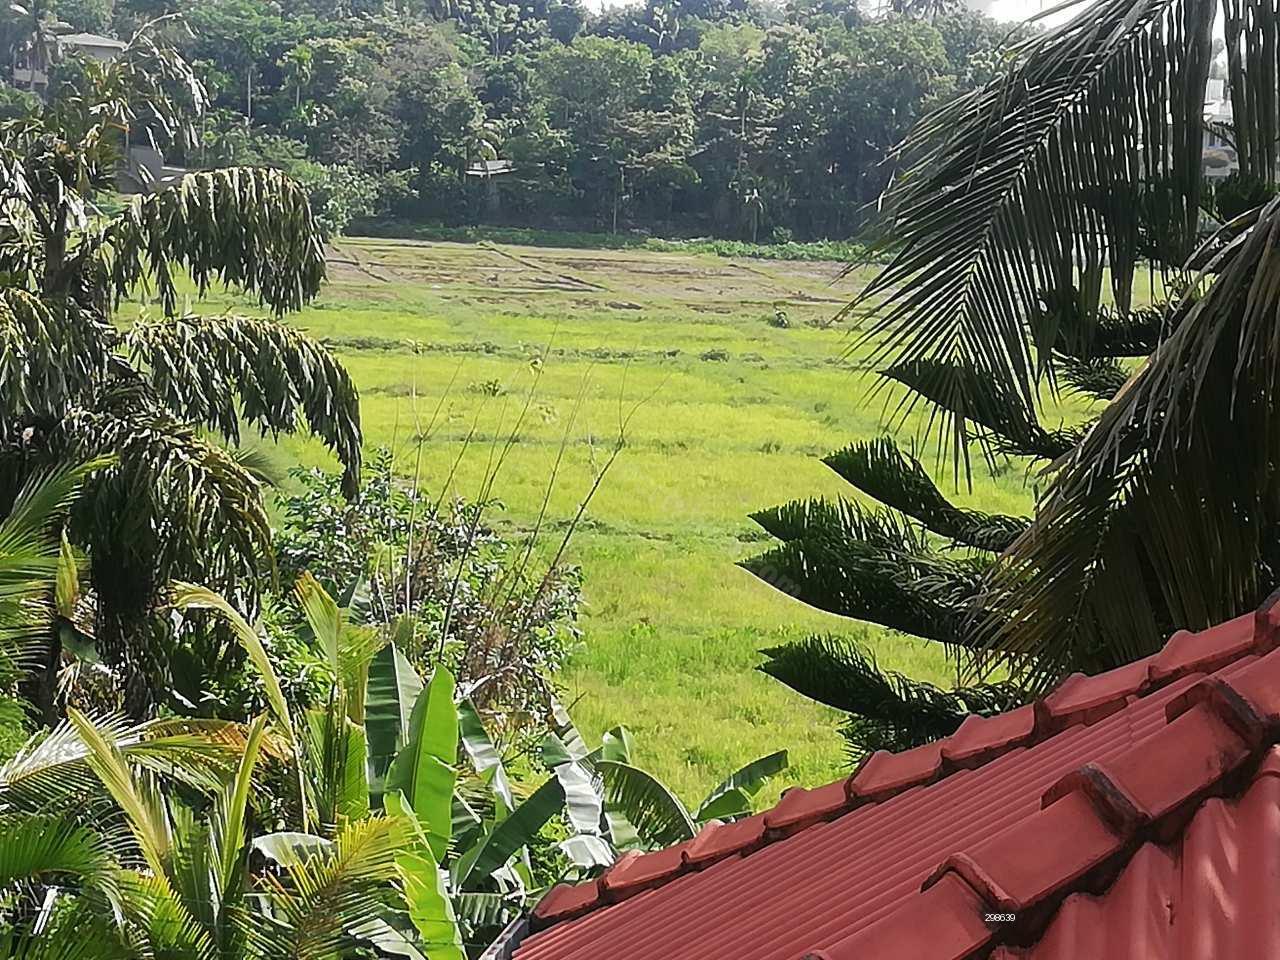 Bare Land for sale in Battaramulla - Land for Sale In Battaramulla